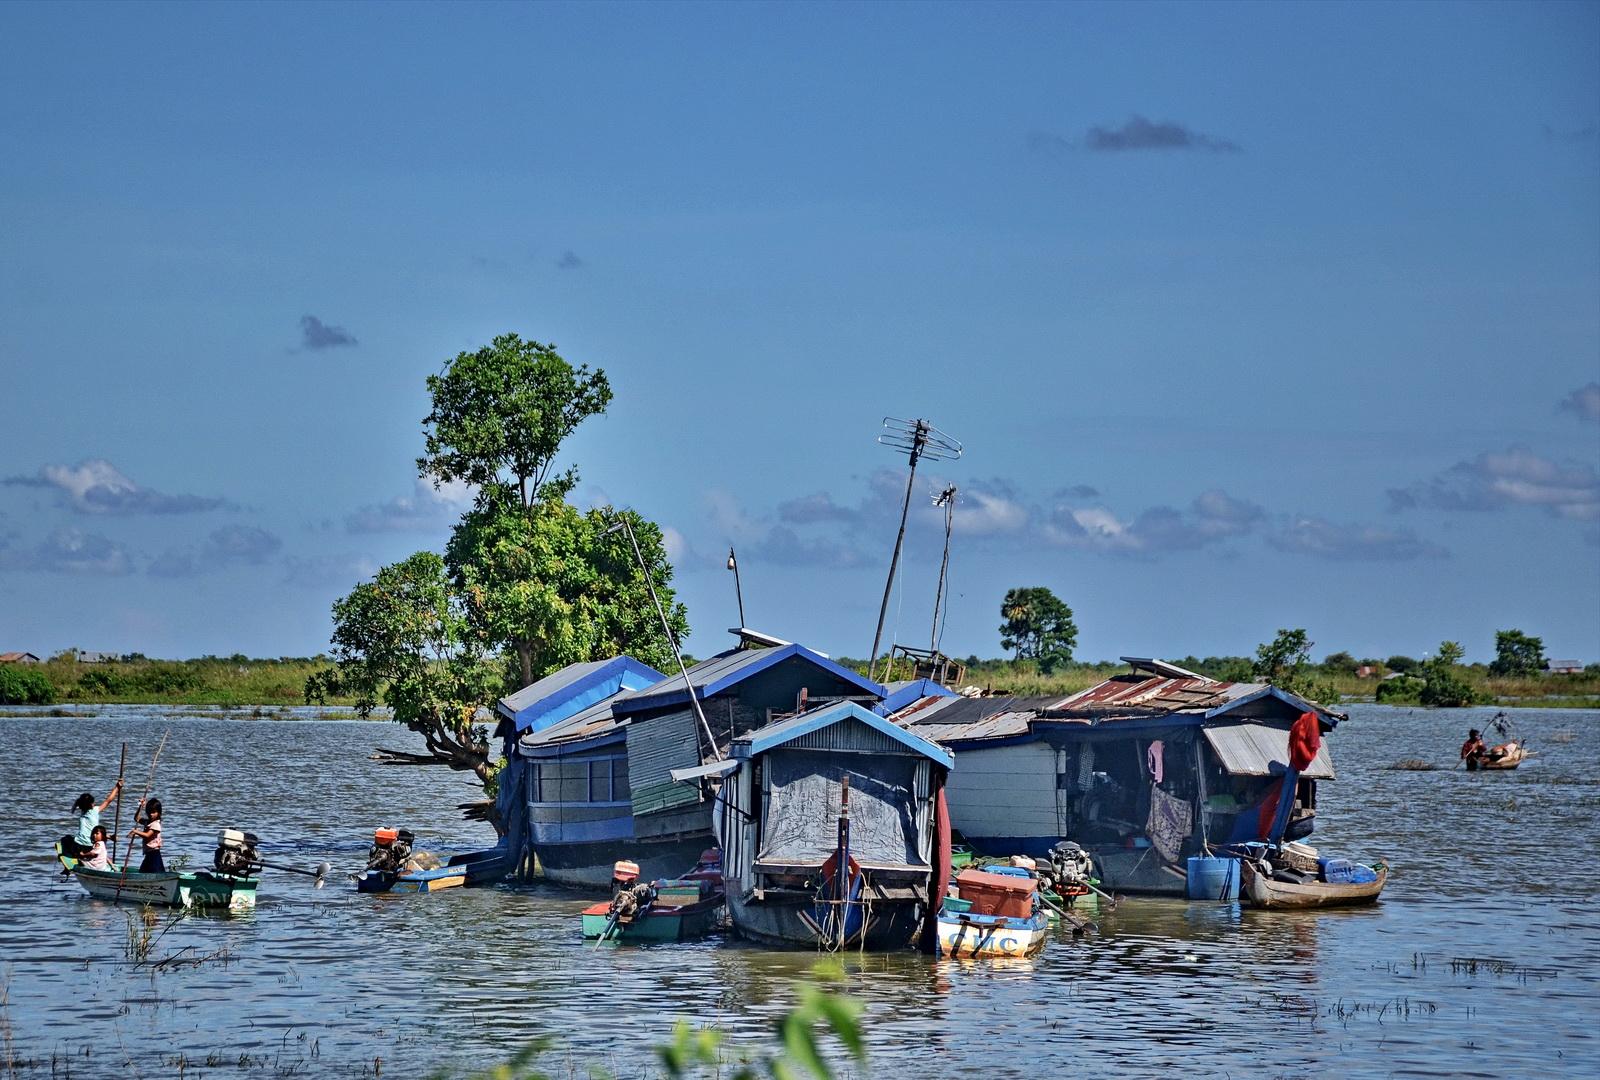 Nomadic houseboat life on the Sangkar